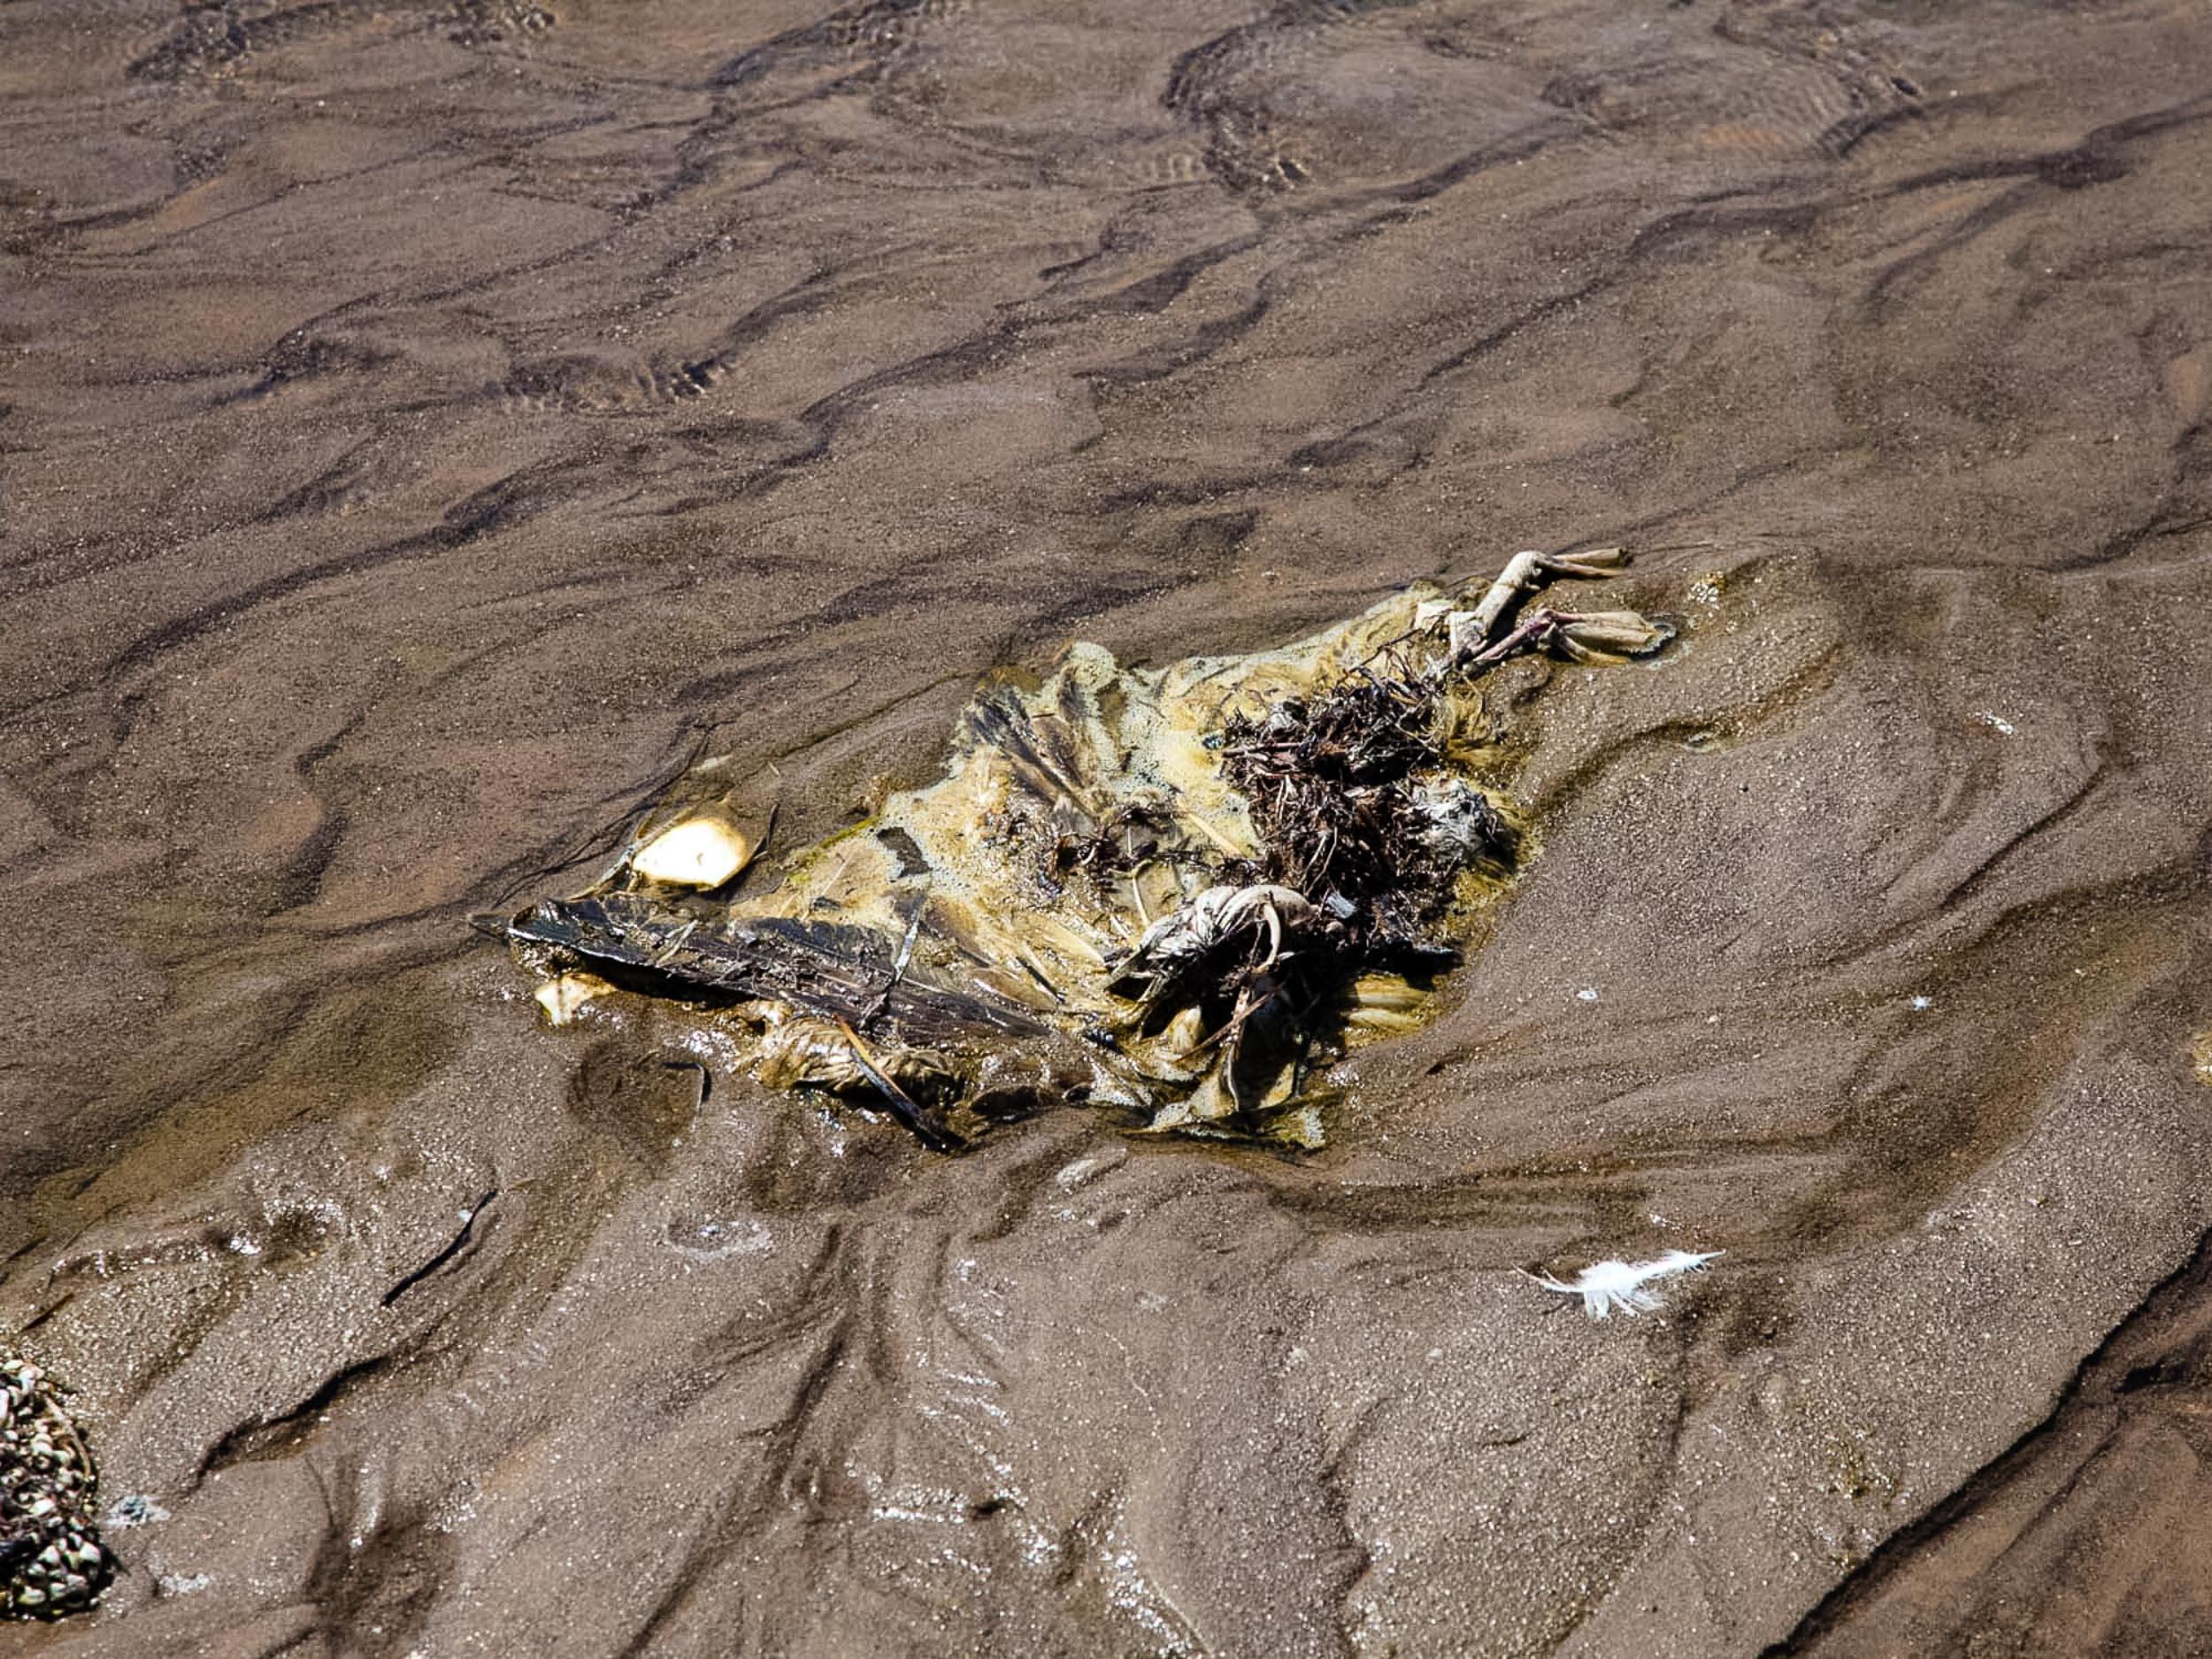 Plage de Chott Essalem. Gabès. 2016. Un oiseau mort liquéfié par les produits chimiques git sur la plage de Gabes.